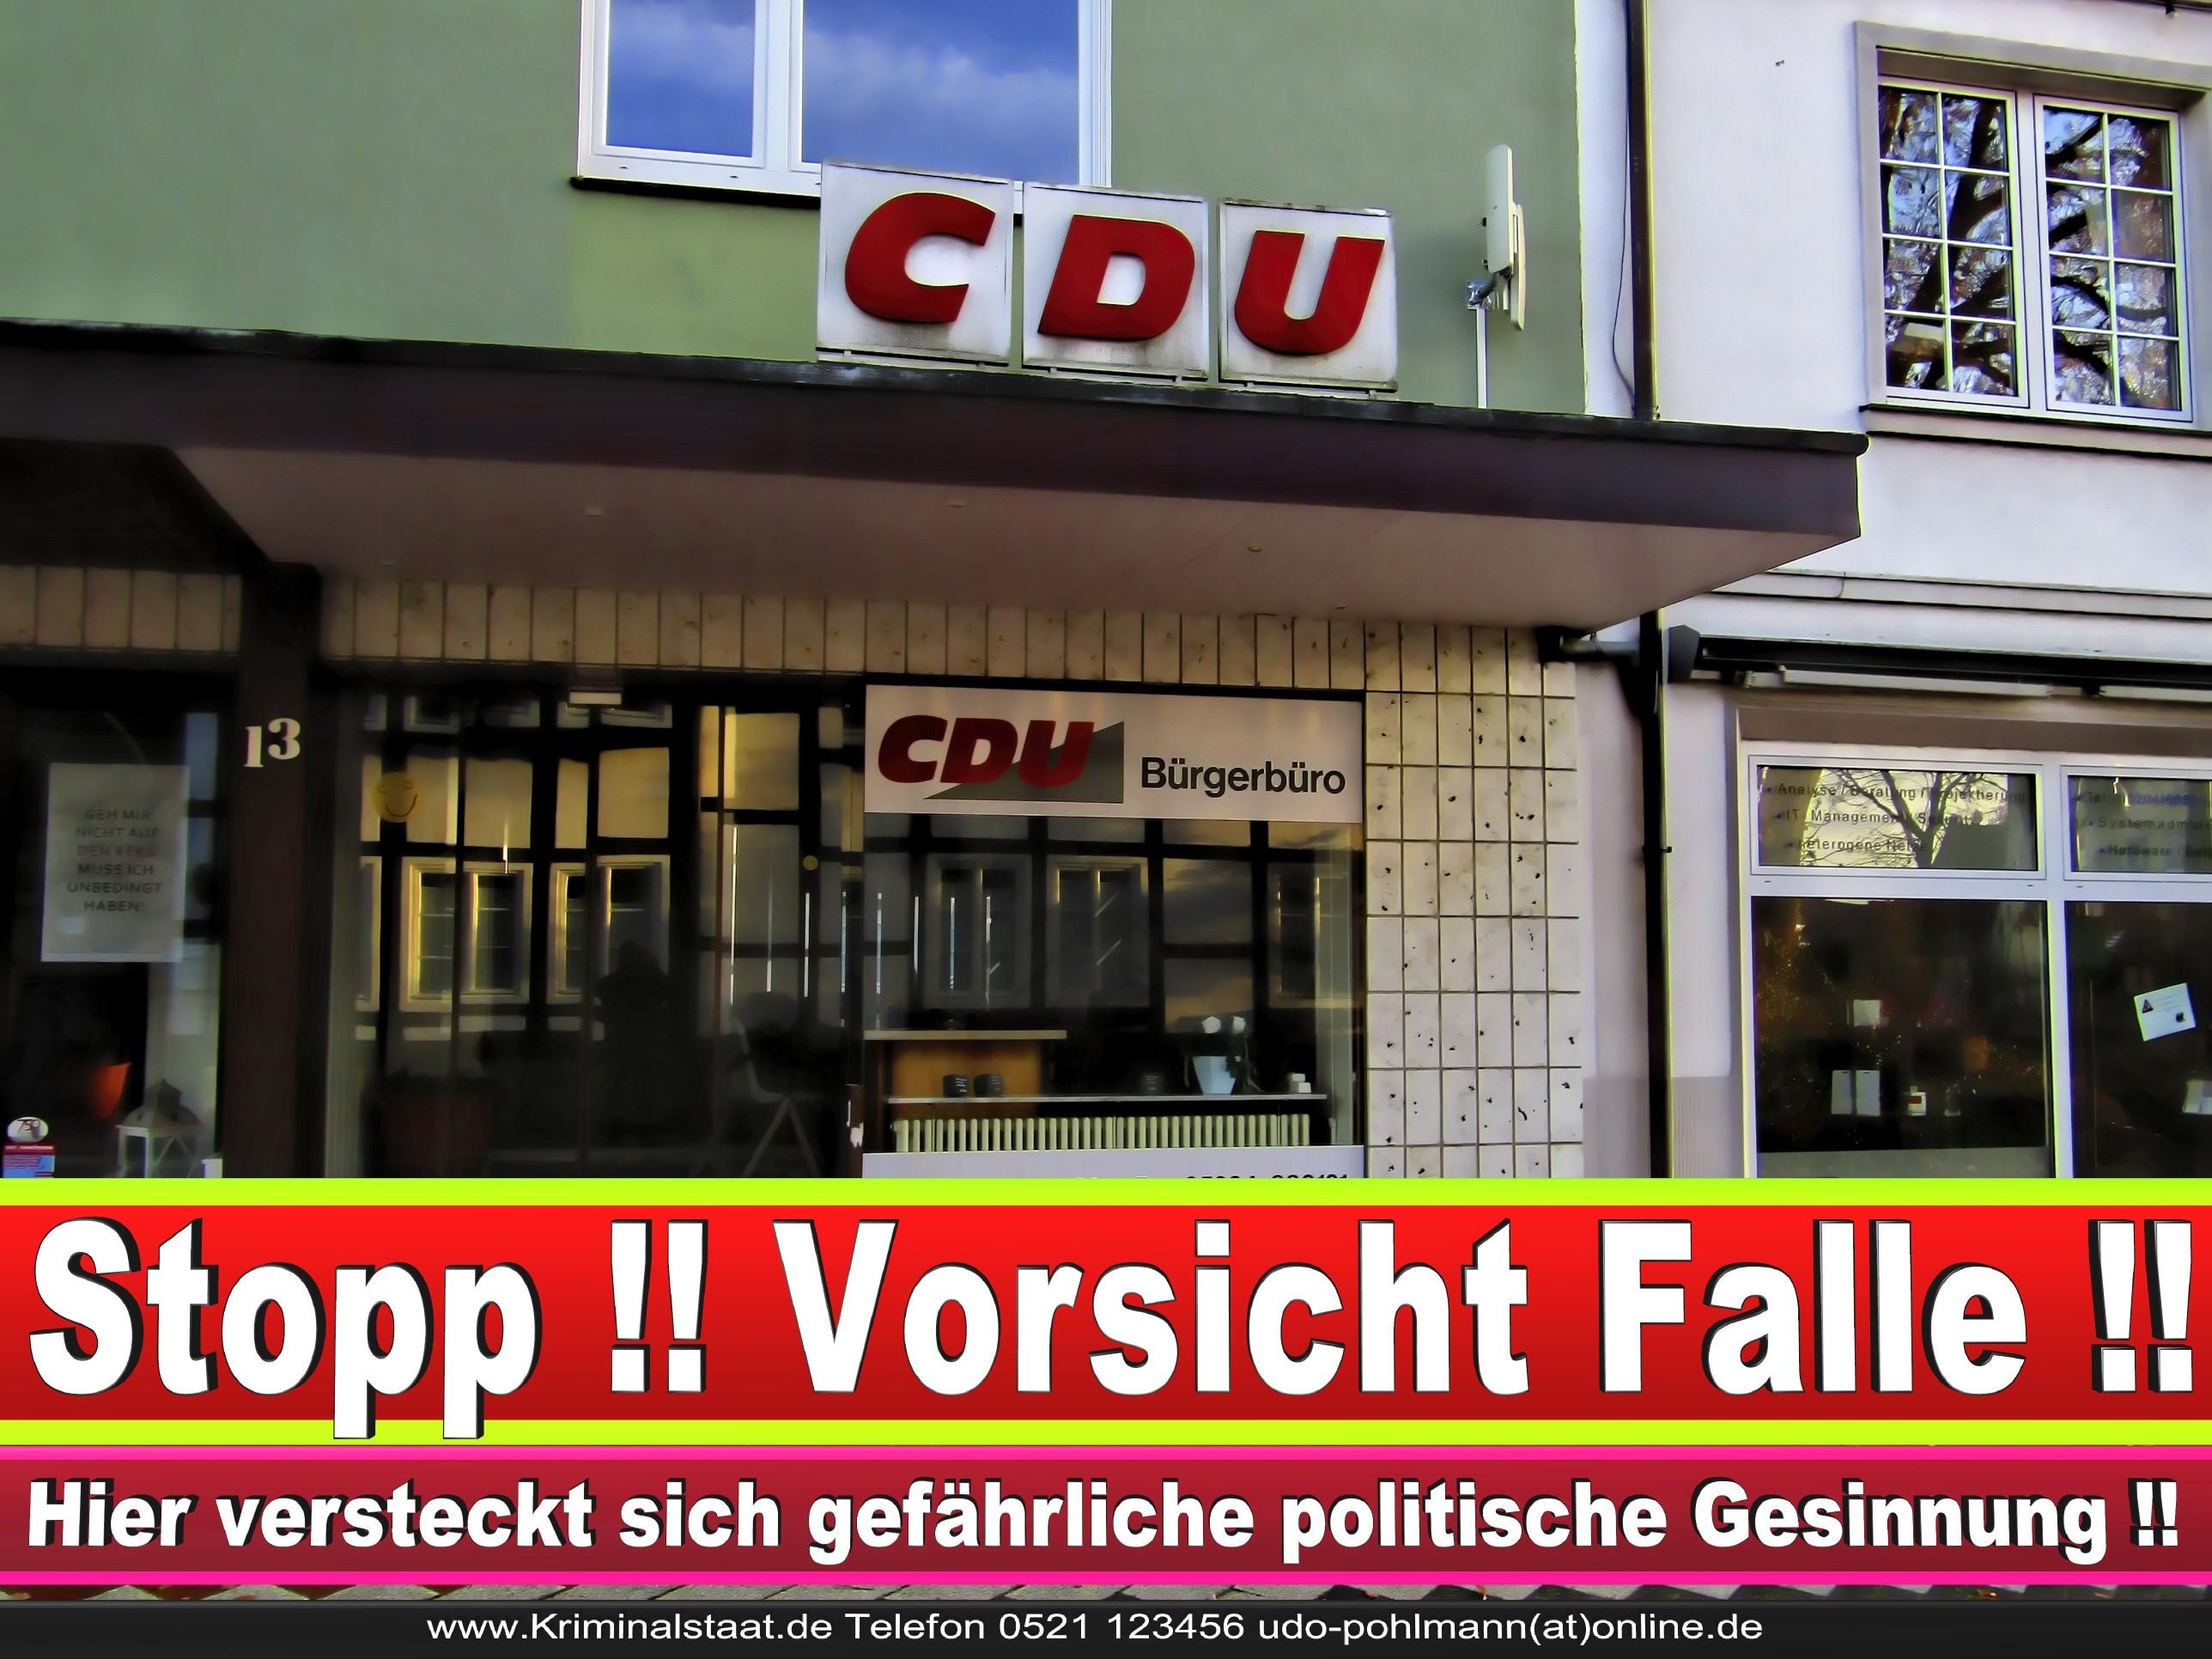 CDU Gemeindeverband Steinhagen Am Markt 13 33803 Steinhagen NRW Ortsverband CDU Steinhagen 11